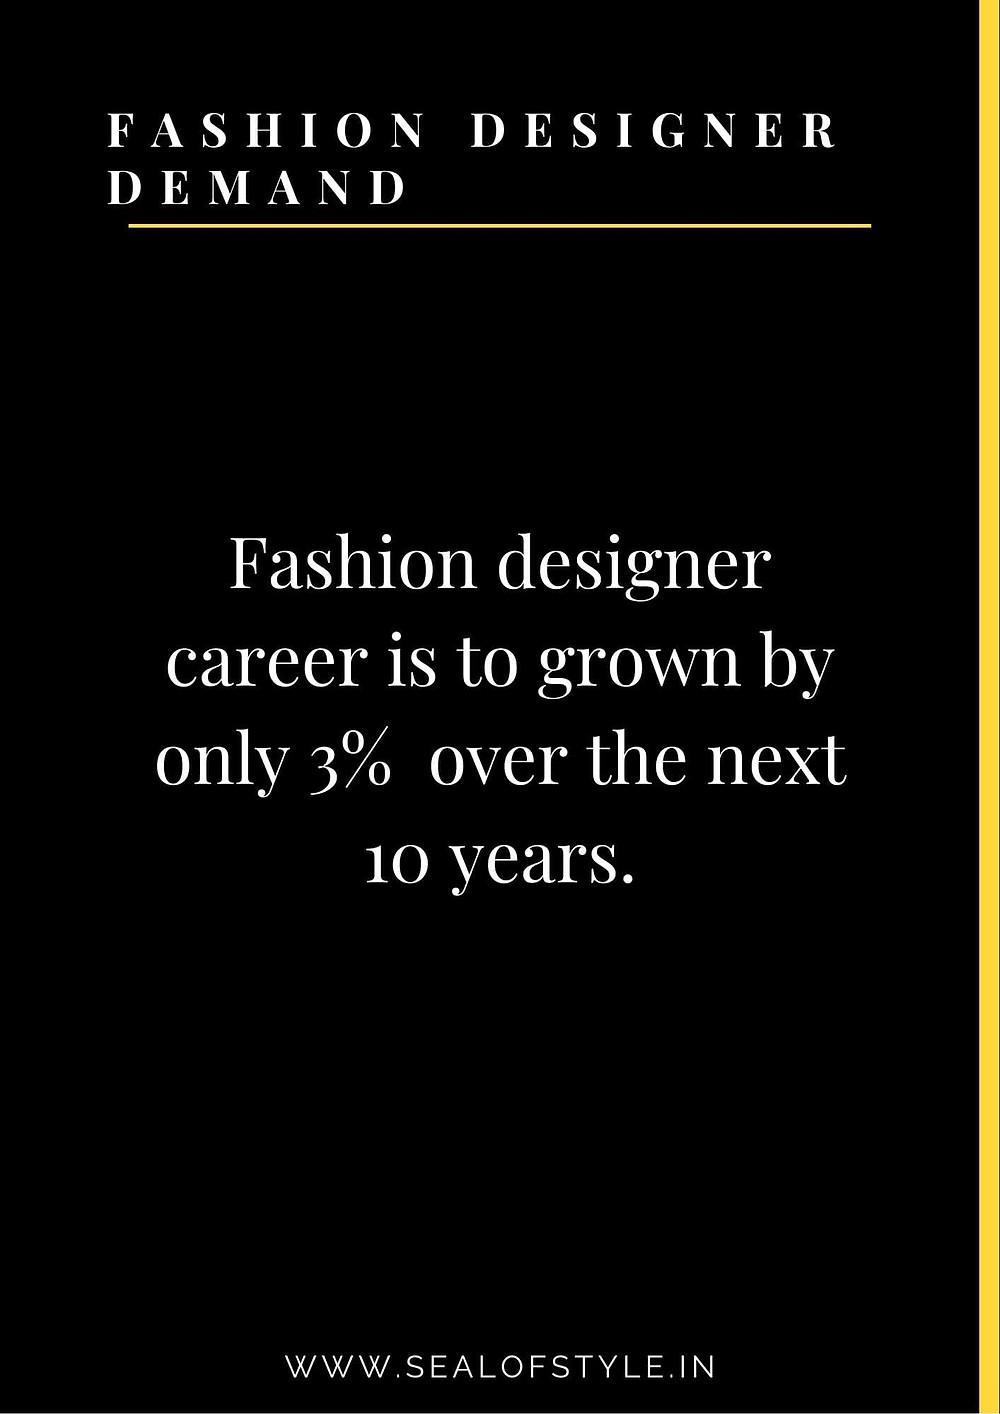 Information about fashion designer demand